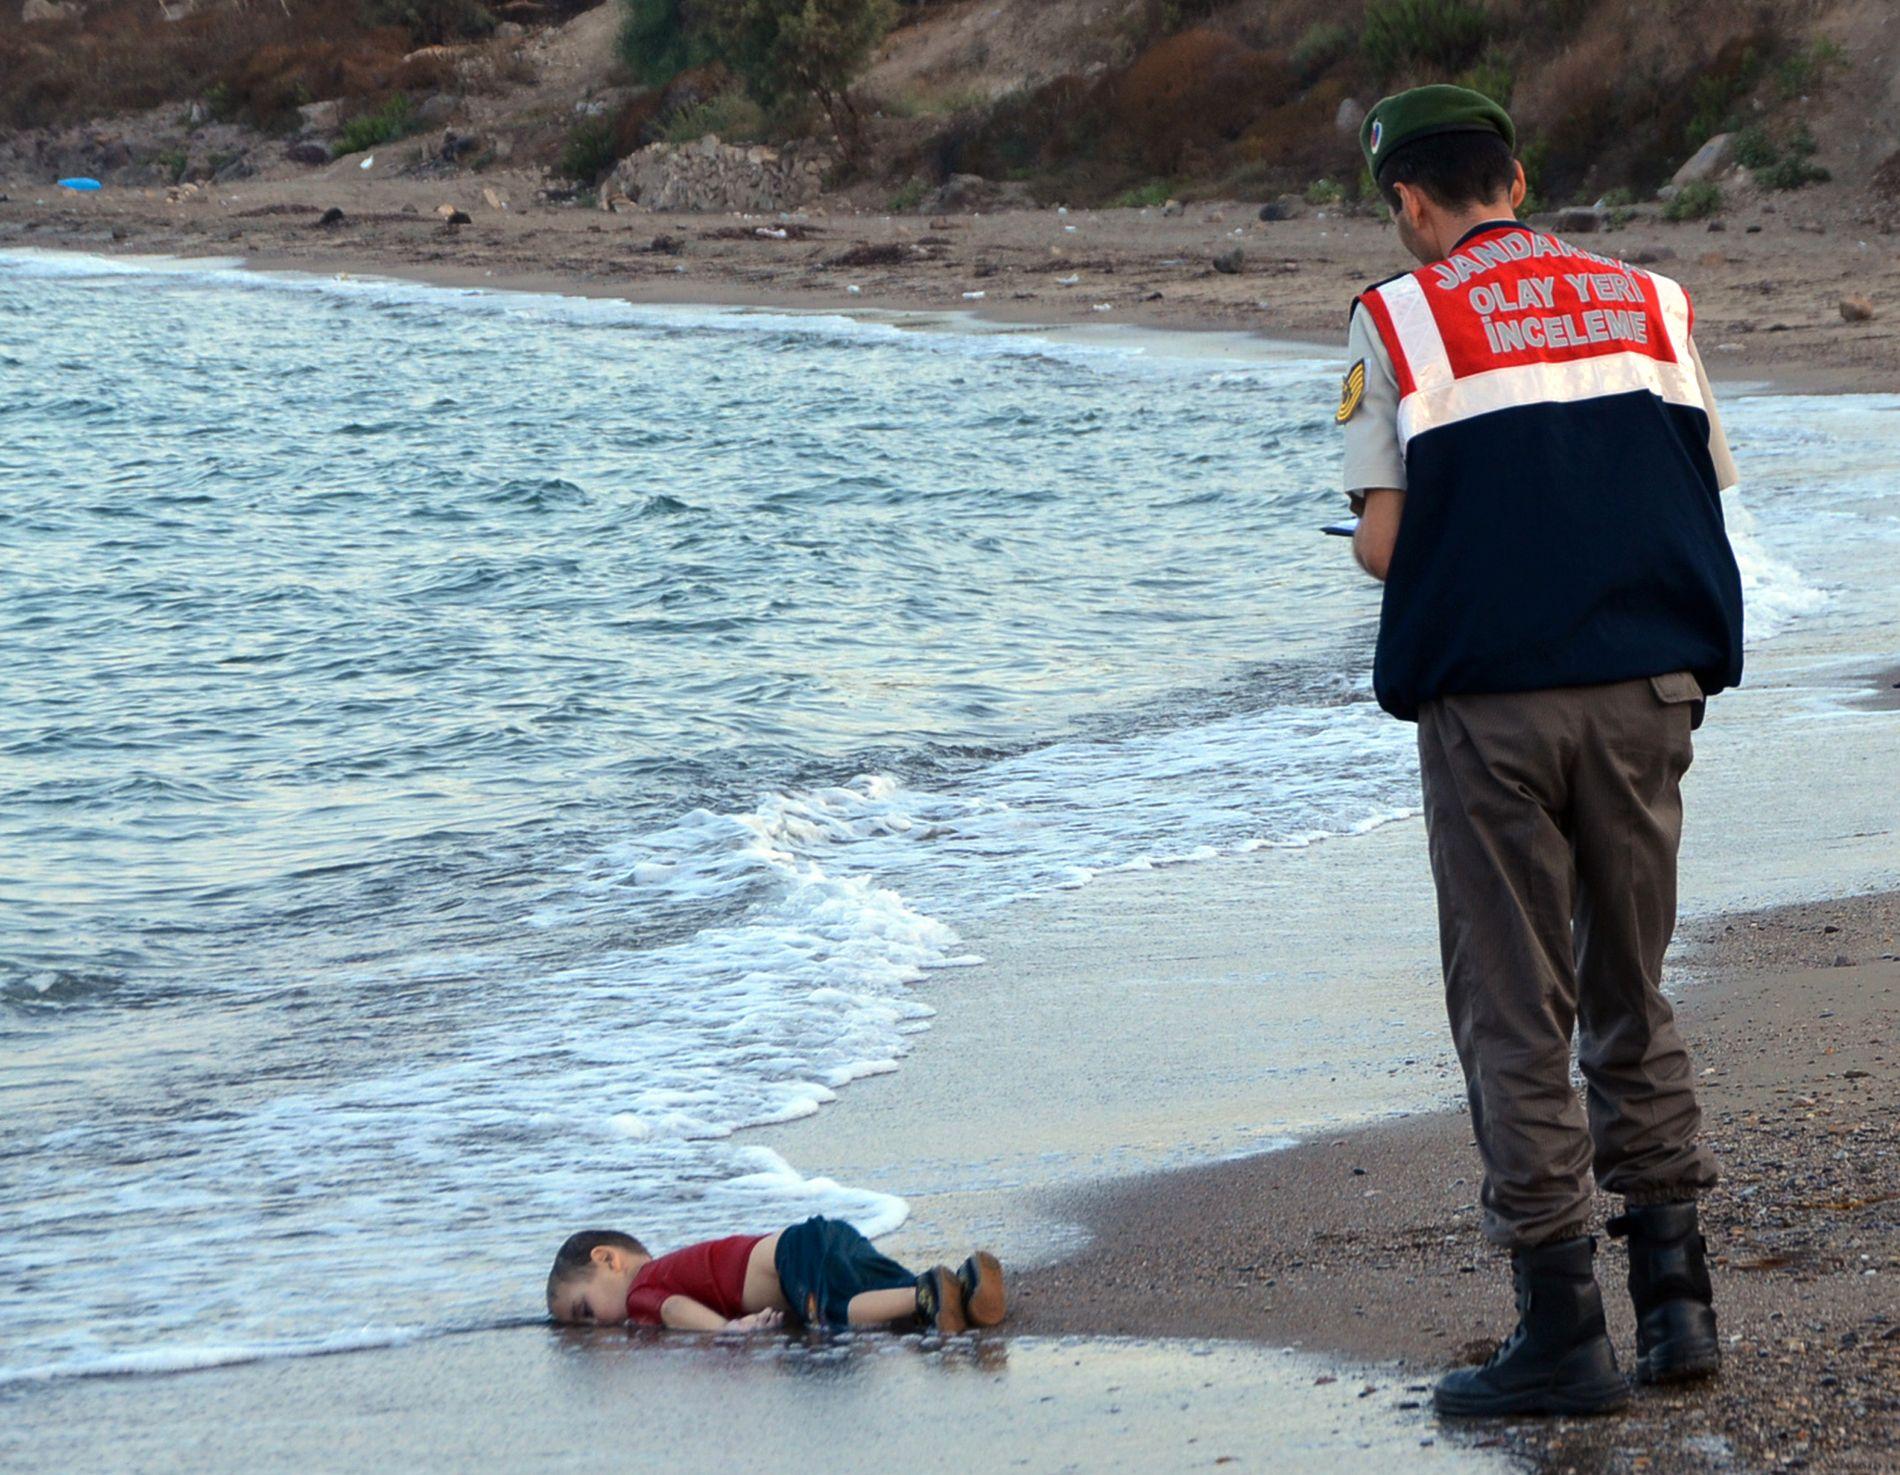 DRUKNET: Bildet av tre år gamle Alan Kurdi, som ble skylt opp på stranden ved Bodrum i Tyrkia 2. september 2015, opprørte en hel verden.